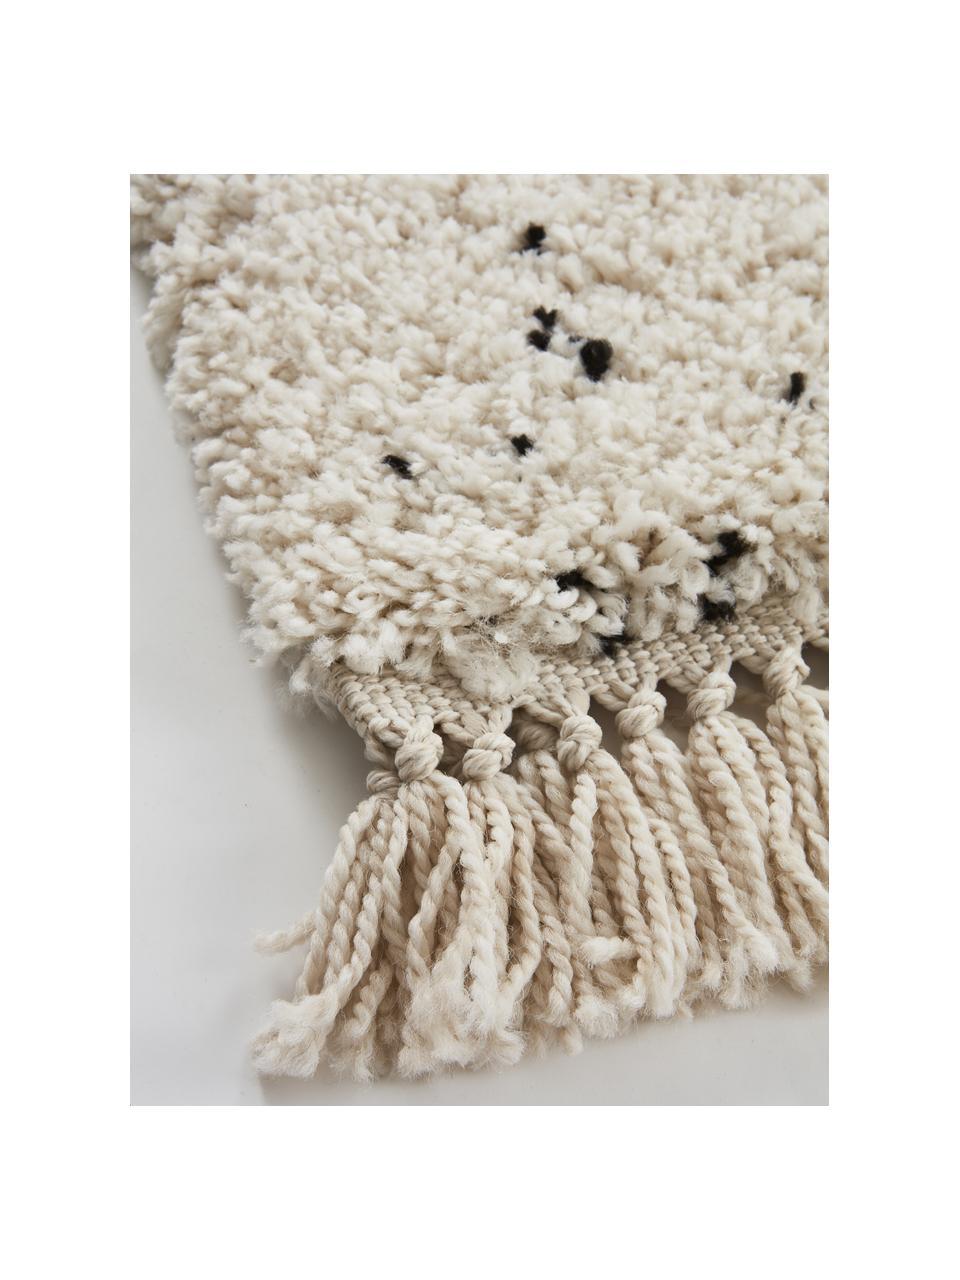 Gesprenkelter Hochflor-Teppich Ludde mit Fransenabschluss, 68% Polypropylen, 27% Jute, 5% Polyester, Wollweiß, Schwarz, B 160 x L 230 cm (Größe M)